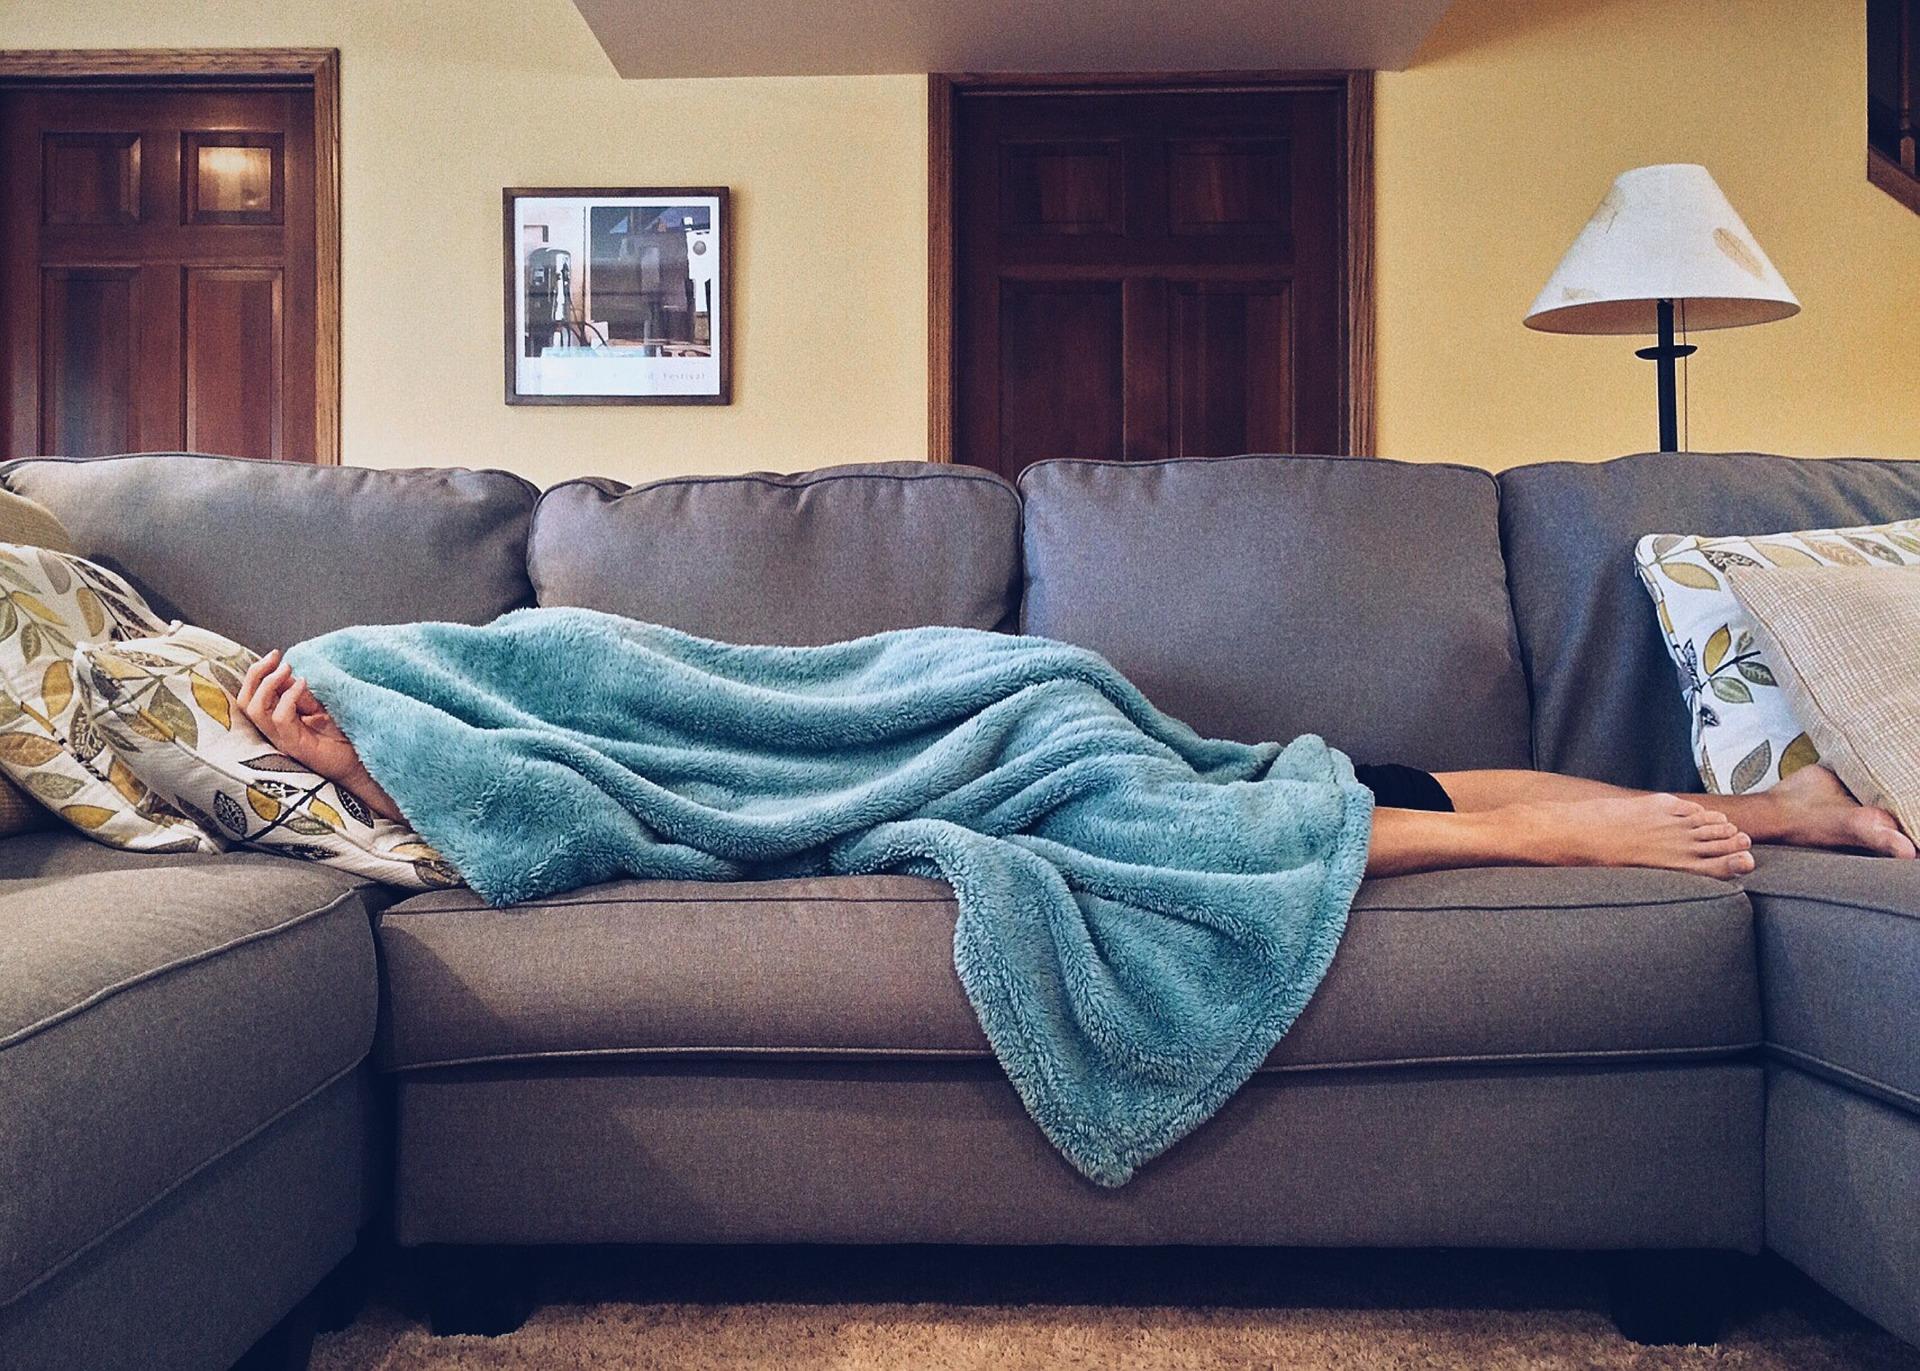 Tu Sofá como el primer día: Los complementos perfectos fundas y foulards para el sofá